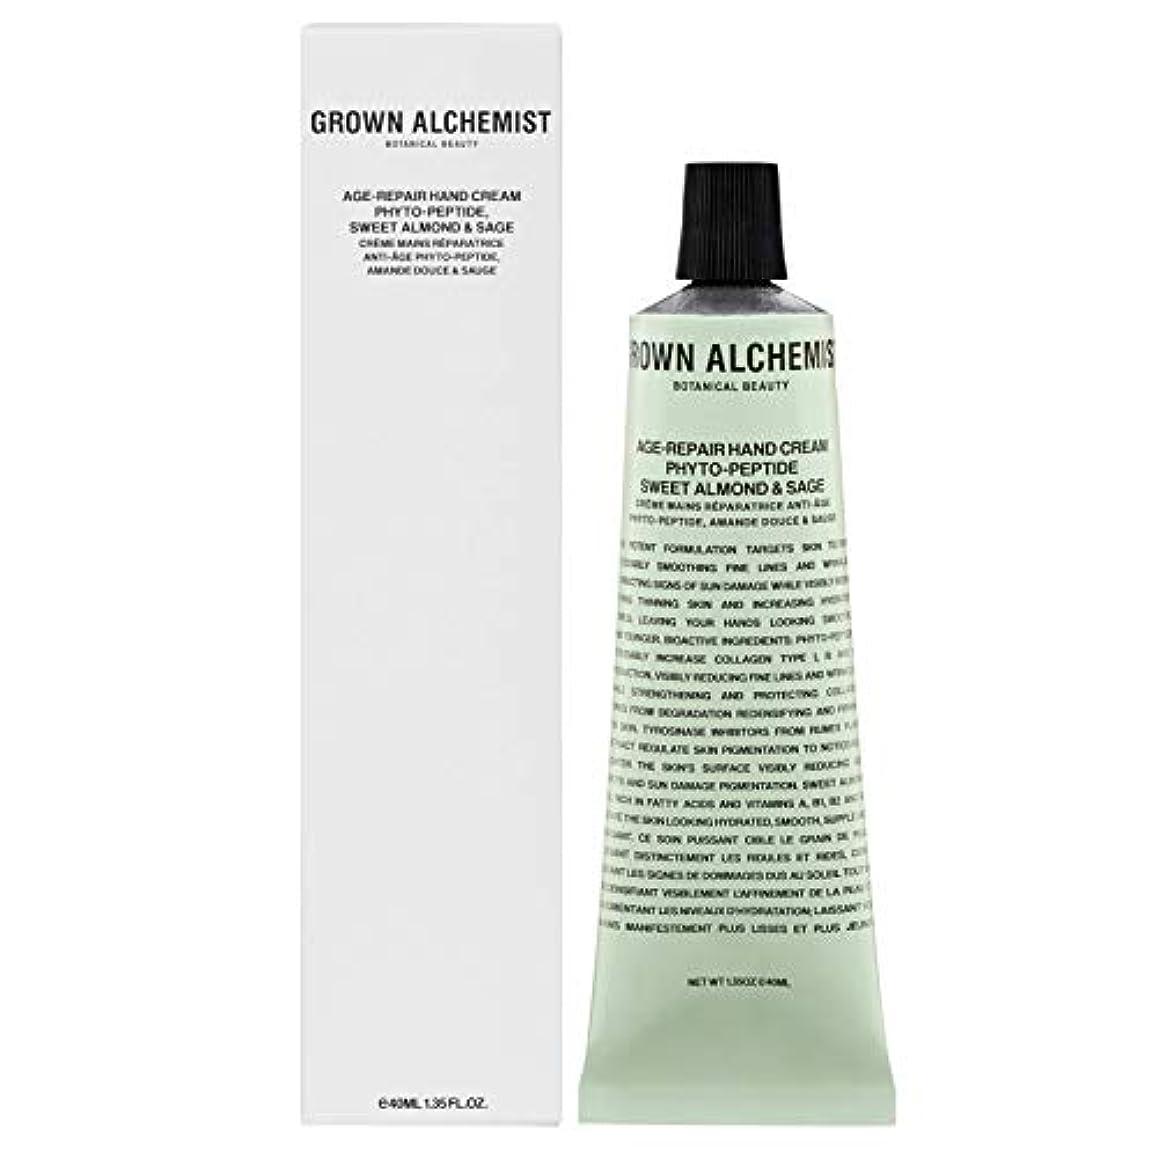 ファランクス支援する横Grown Alchemist Age-Repair Hand Cream - Phyto-Peptide, Sweet Almond & Sage 40ml/1.35oz並行輸入品